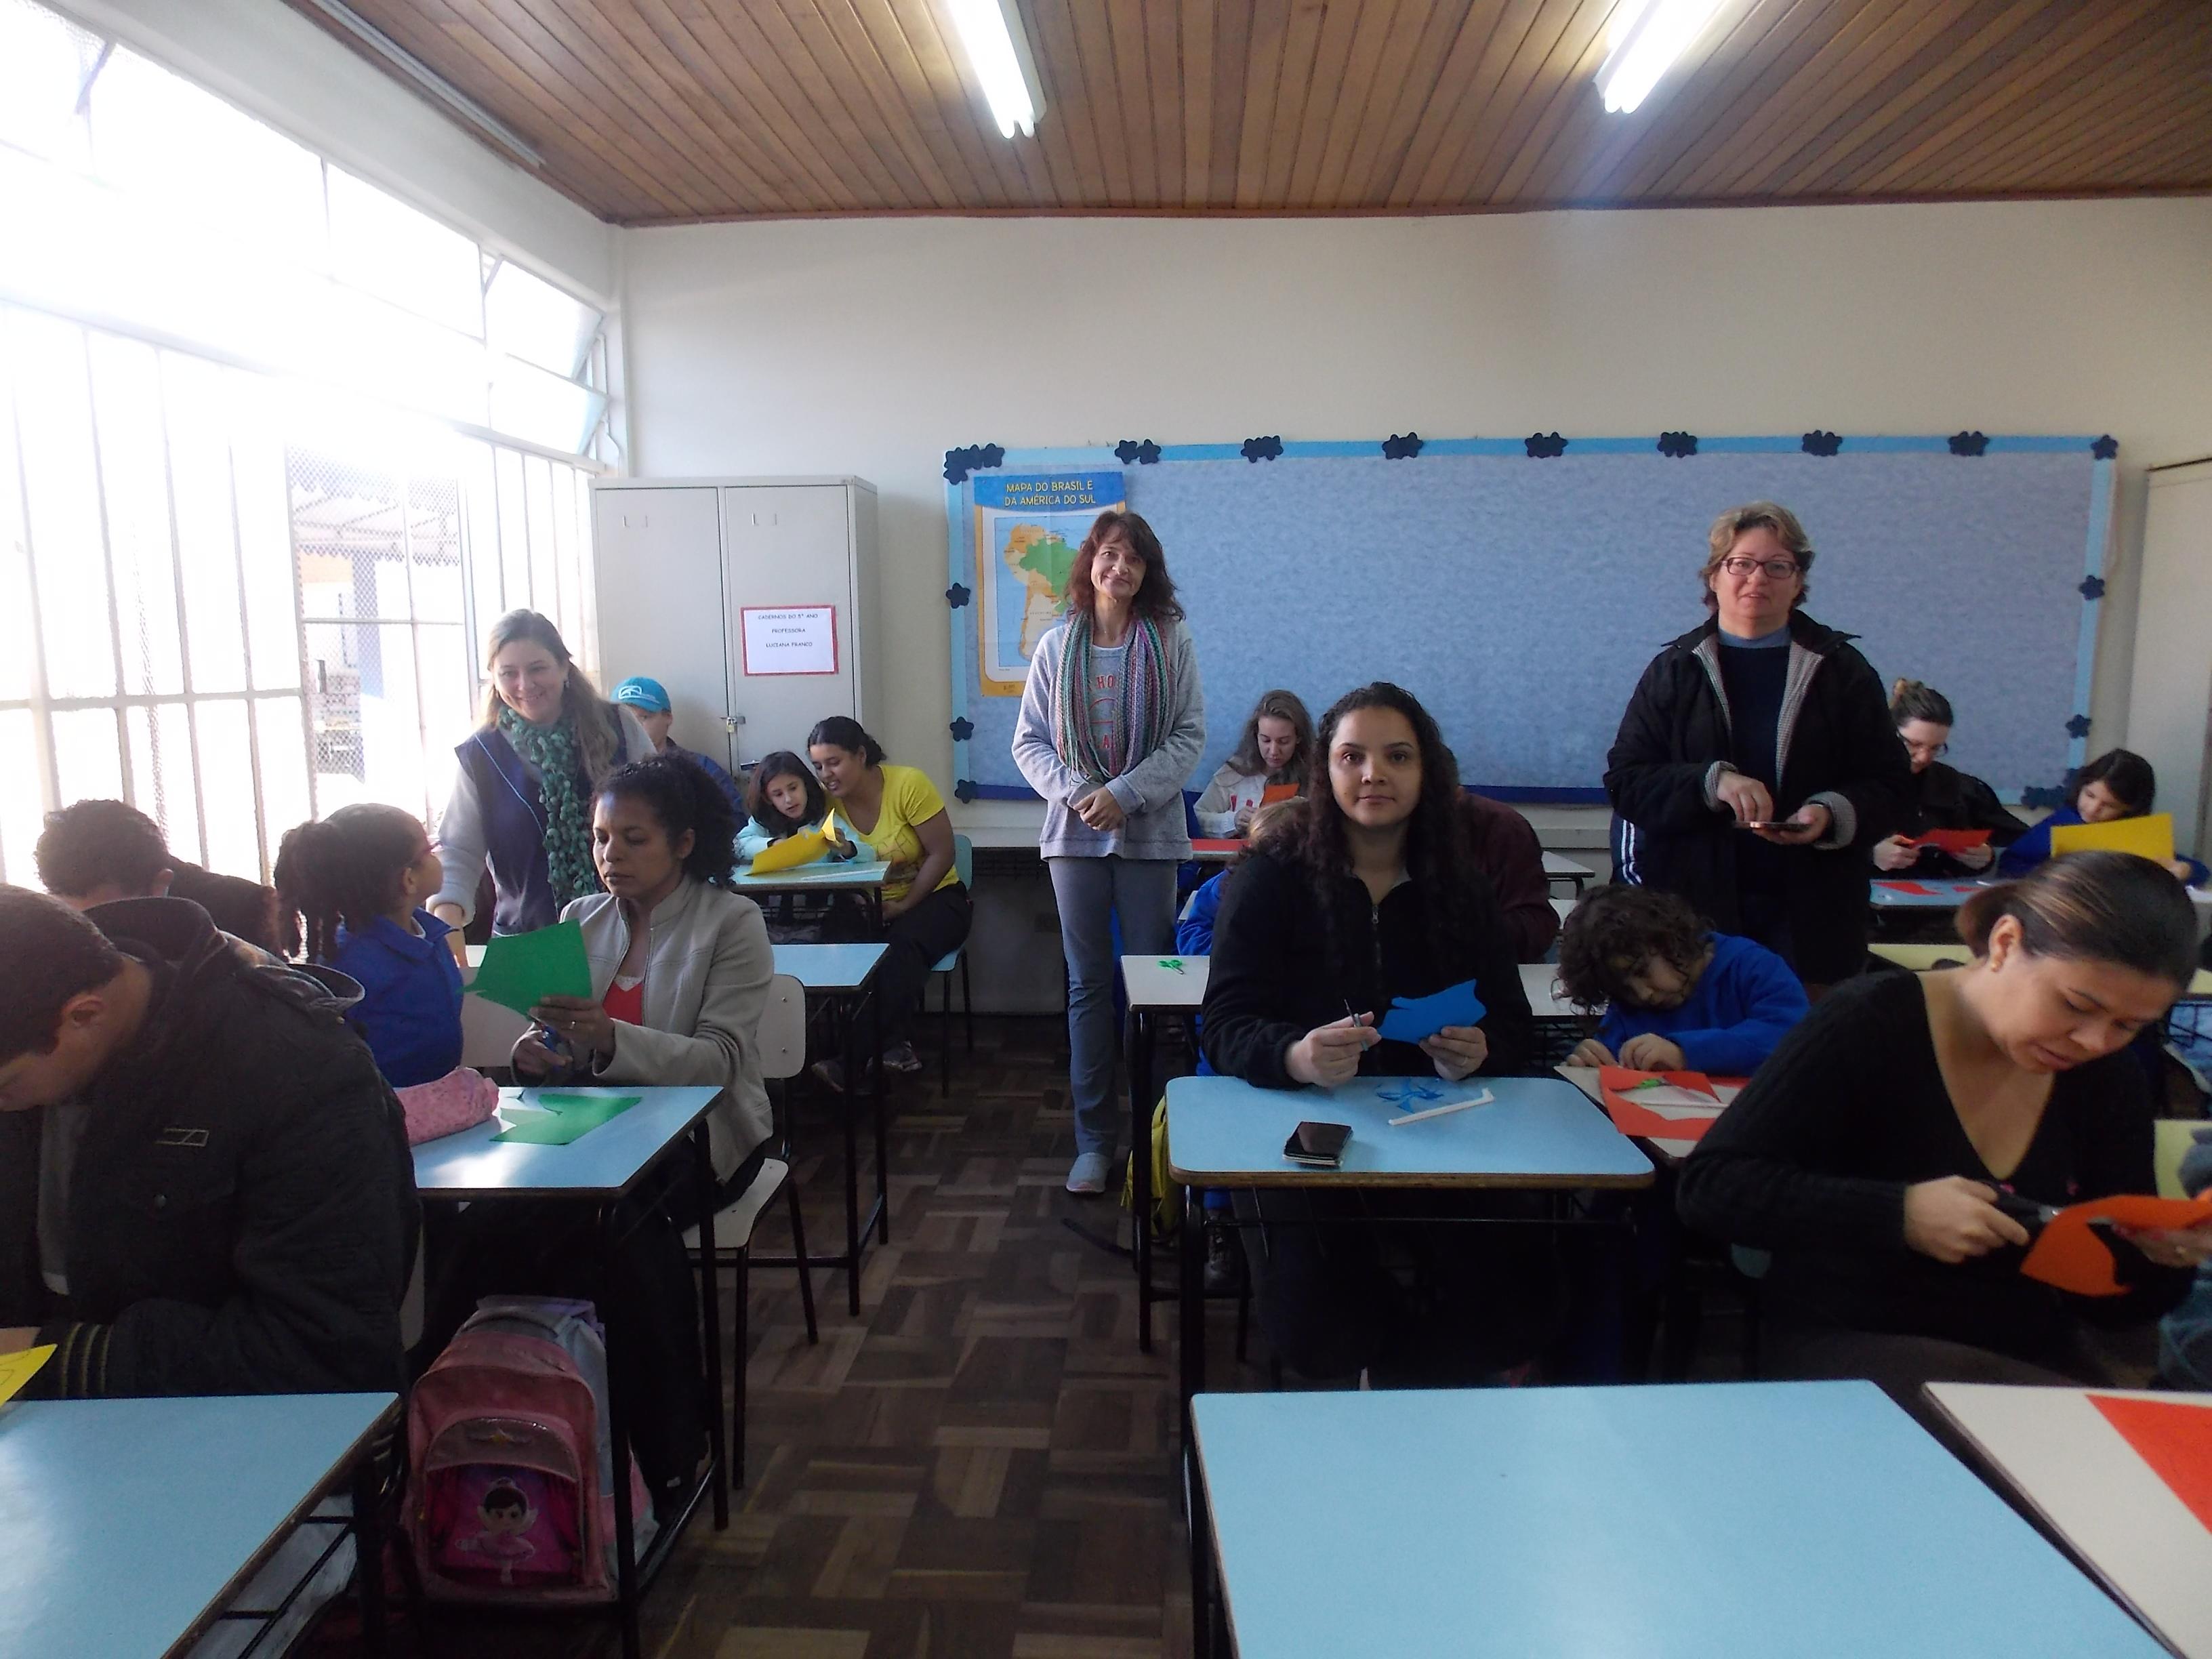 Professoras orientando as atividades